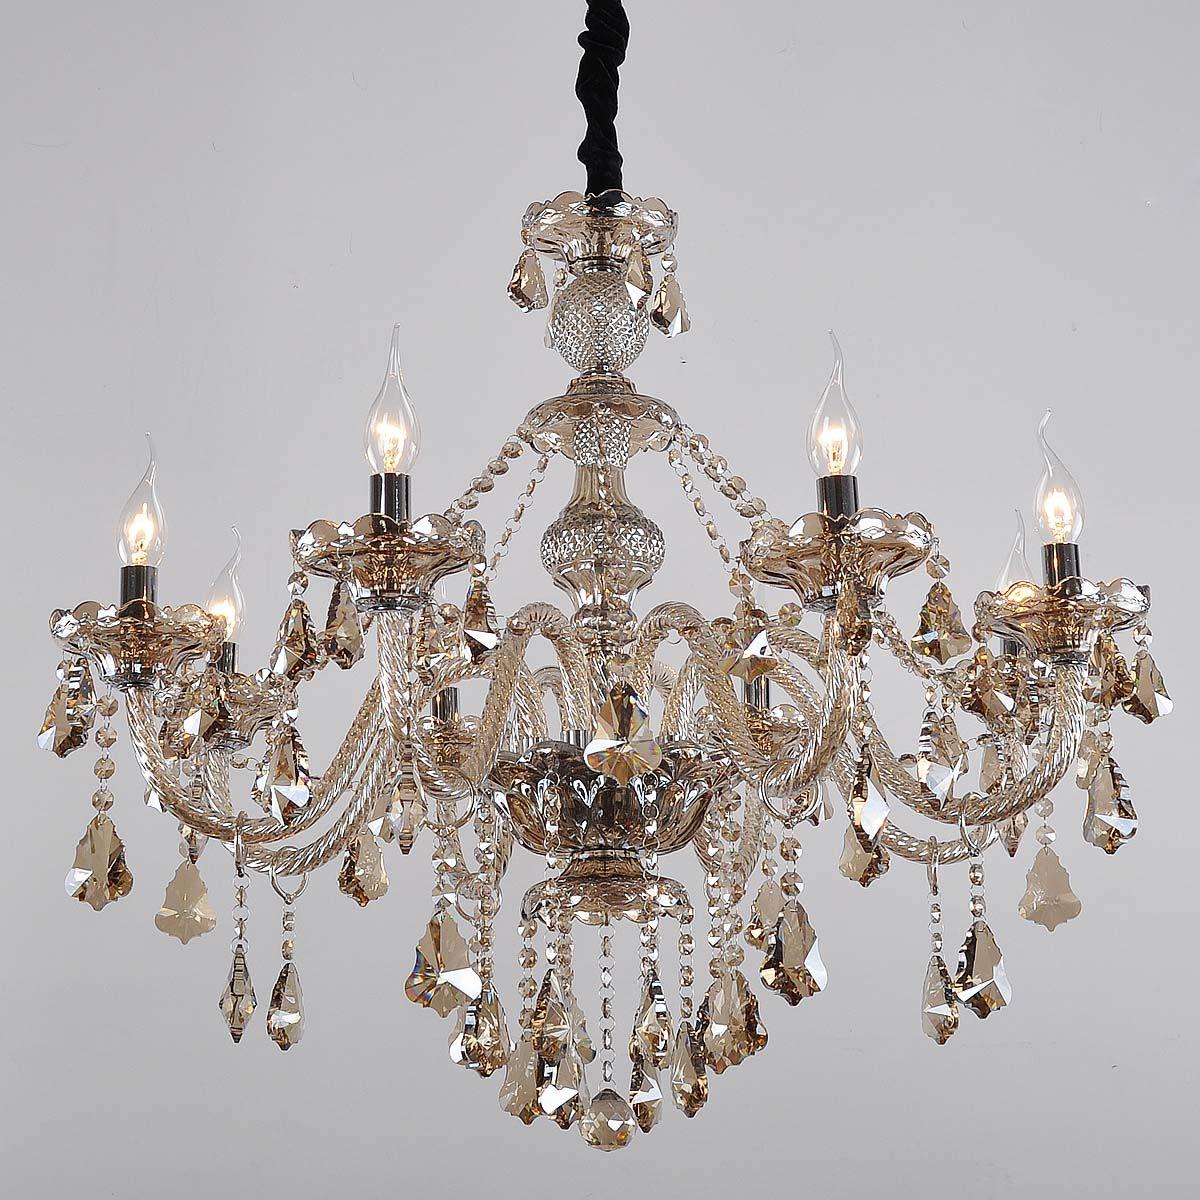 明艺 现代欧式艺术水晶灯客厅灯卧室灯具 干邑色水晶吊灯饰